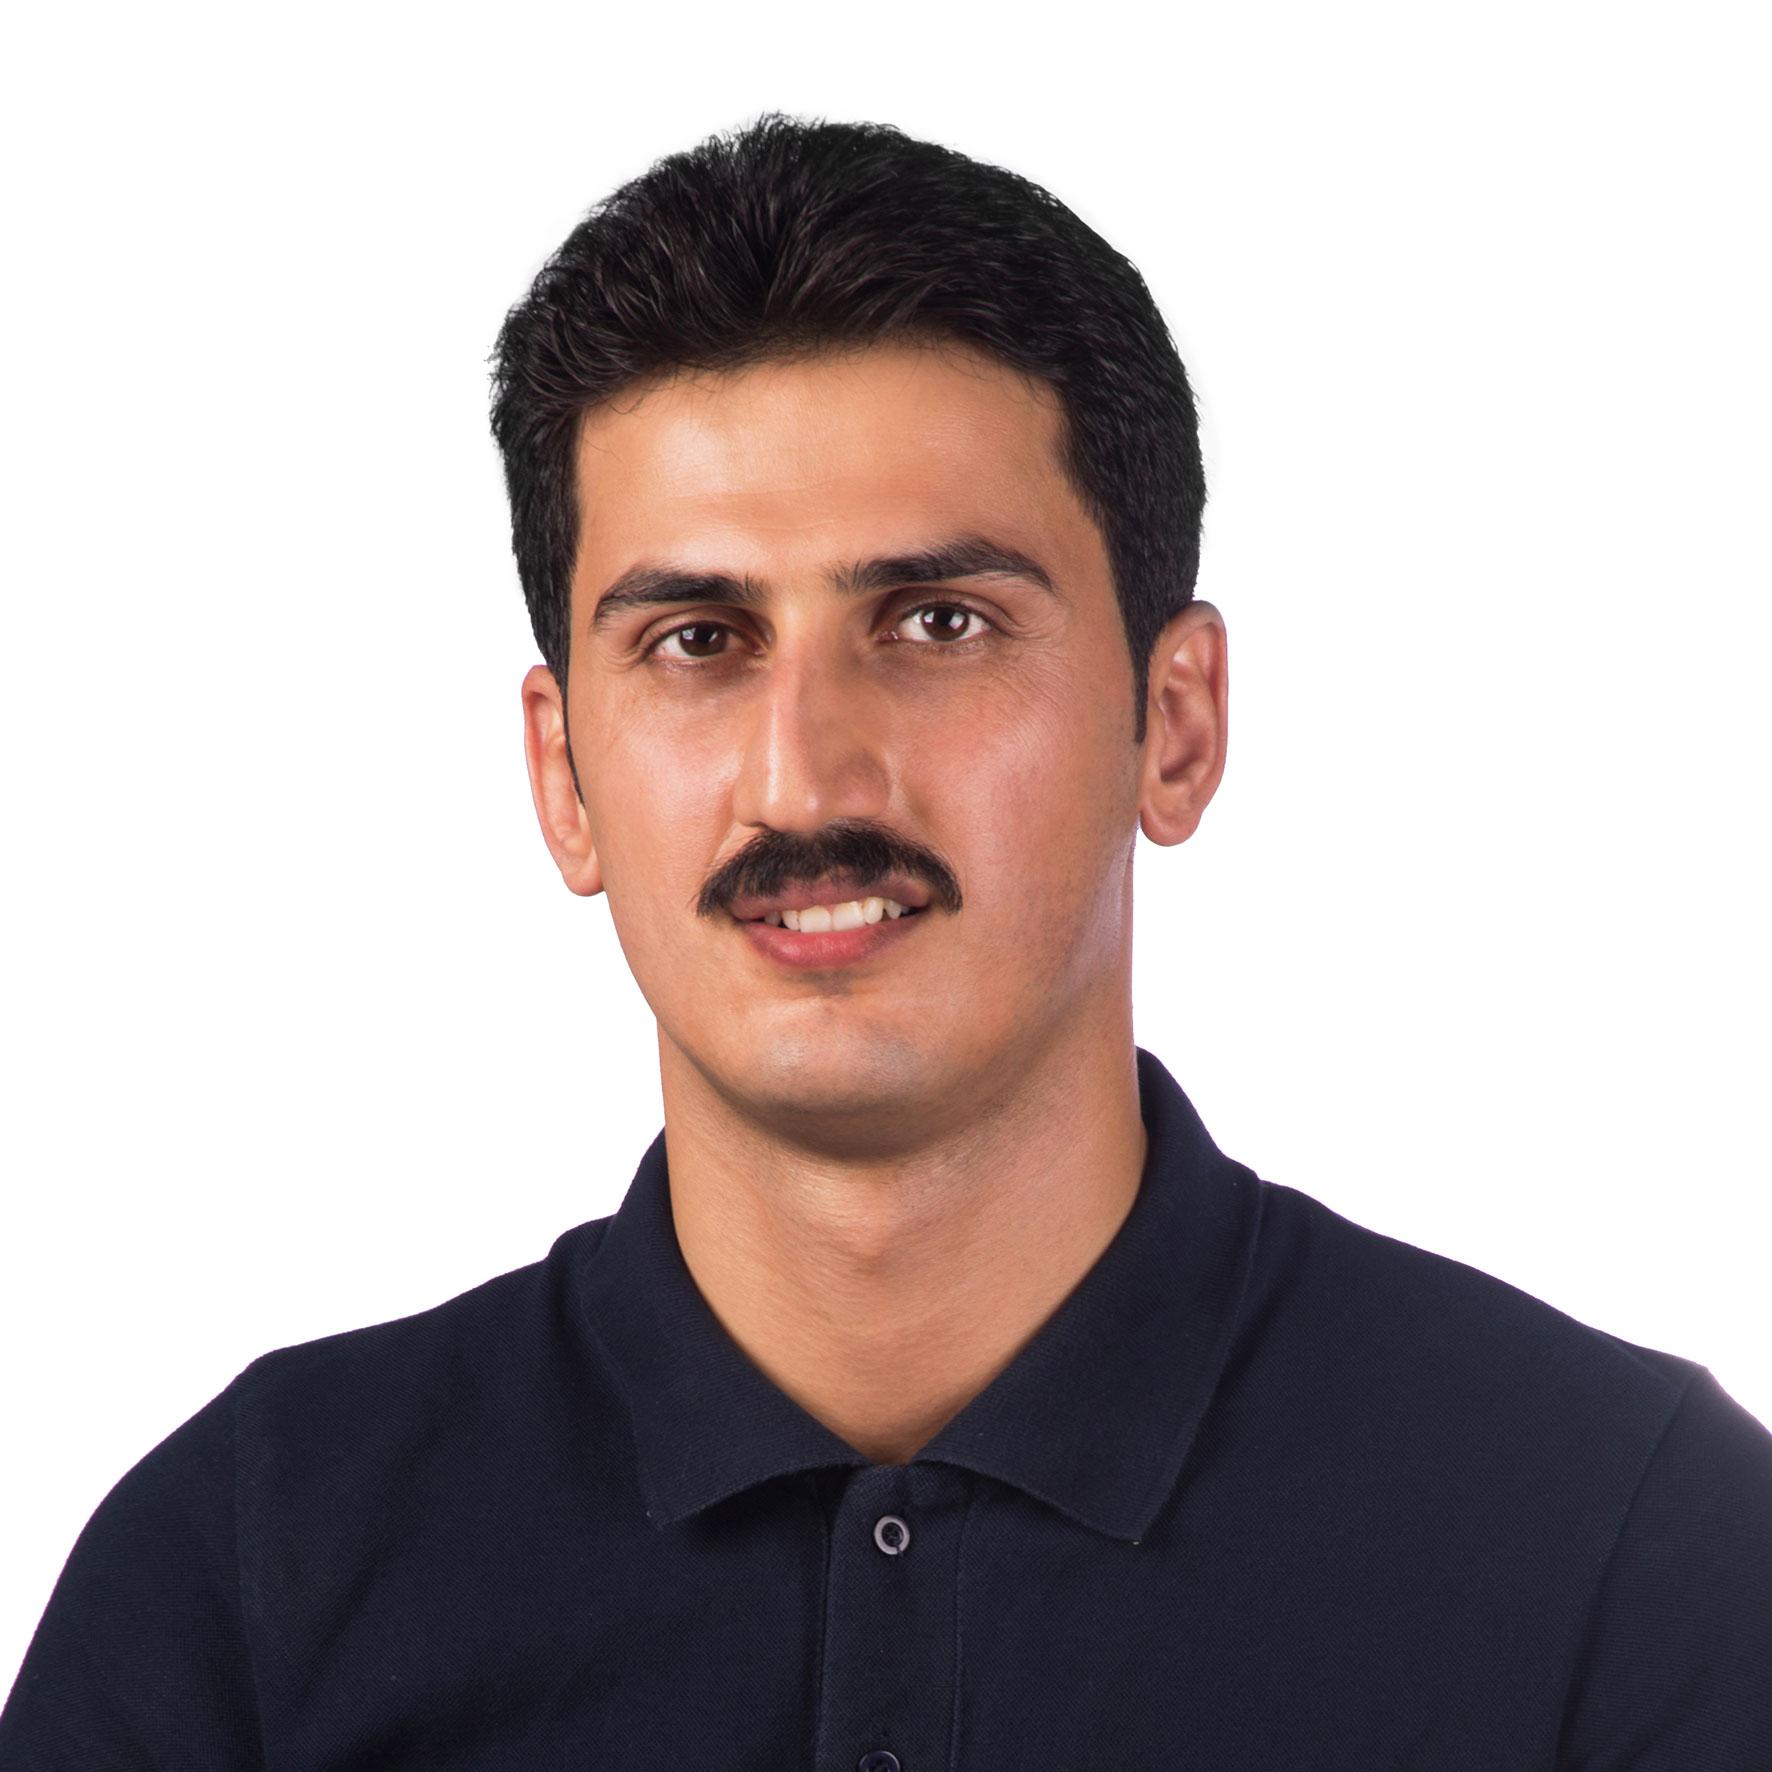 بابک حسن زاده